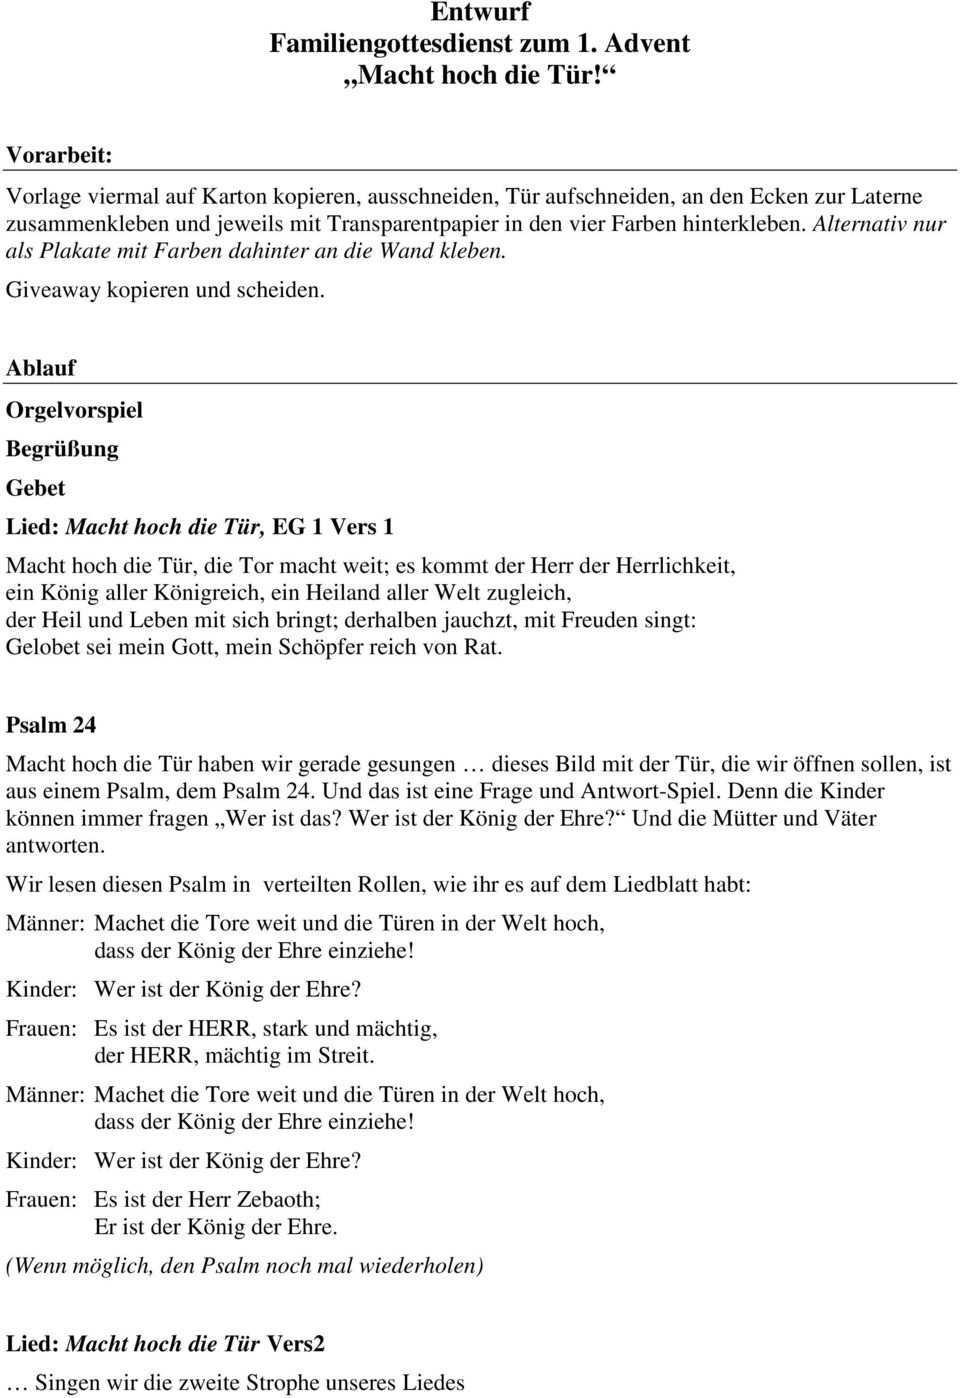 Entwurf Familiengottesdienst Zum 1 Advent Macht Hoch Die Tur Pdf Kostenfreier Download